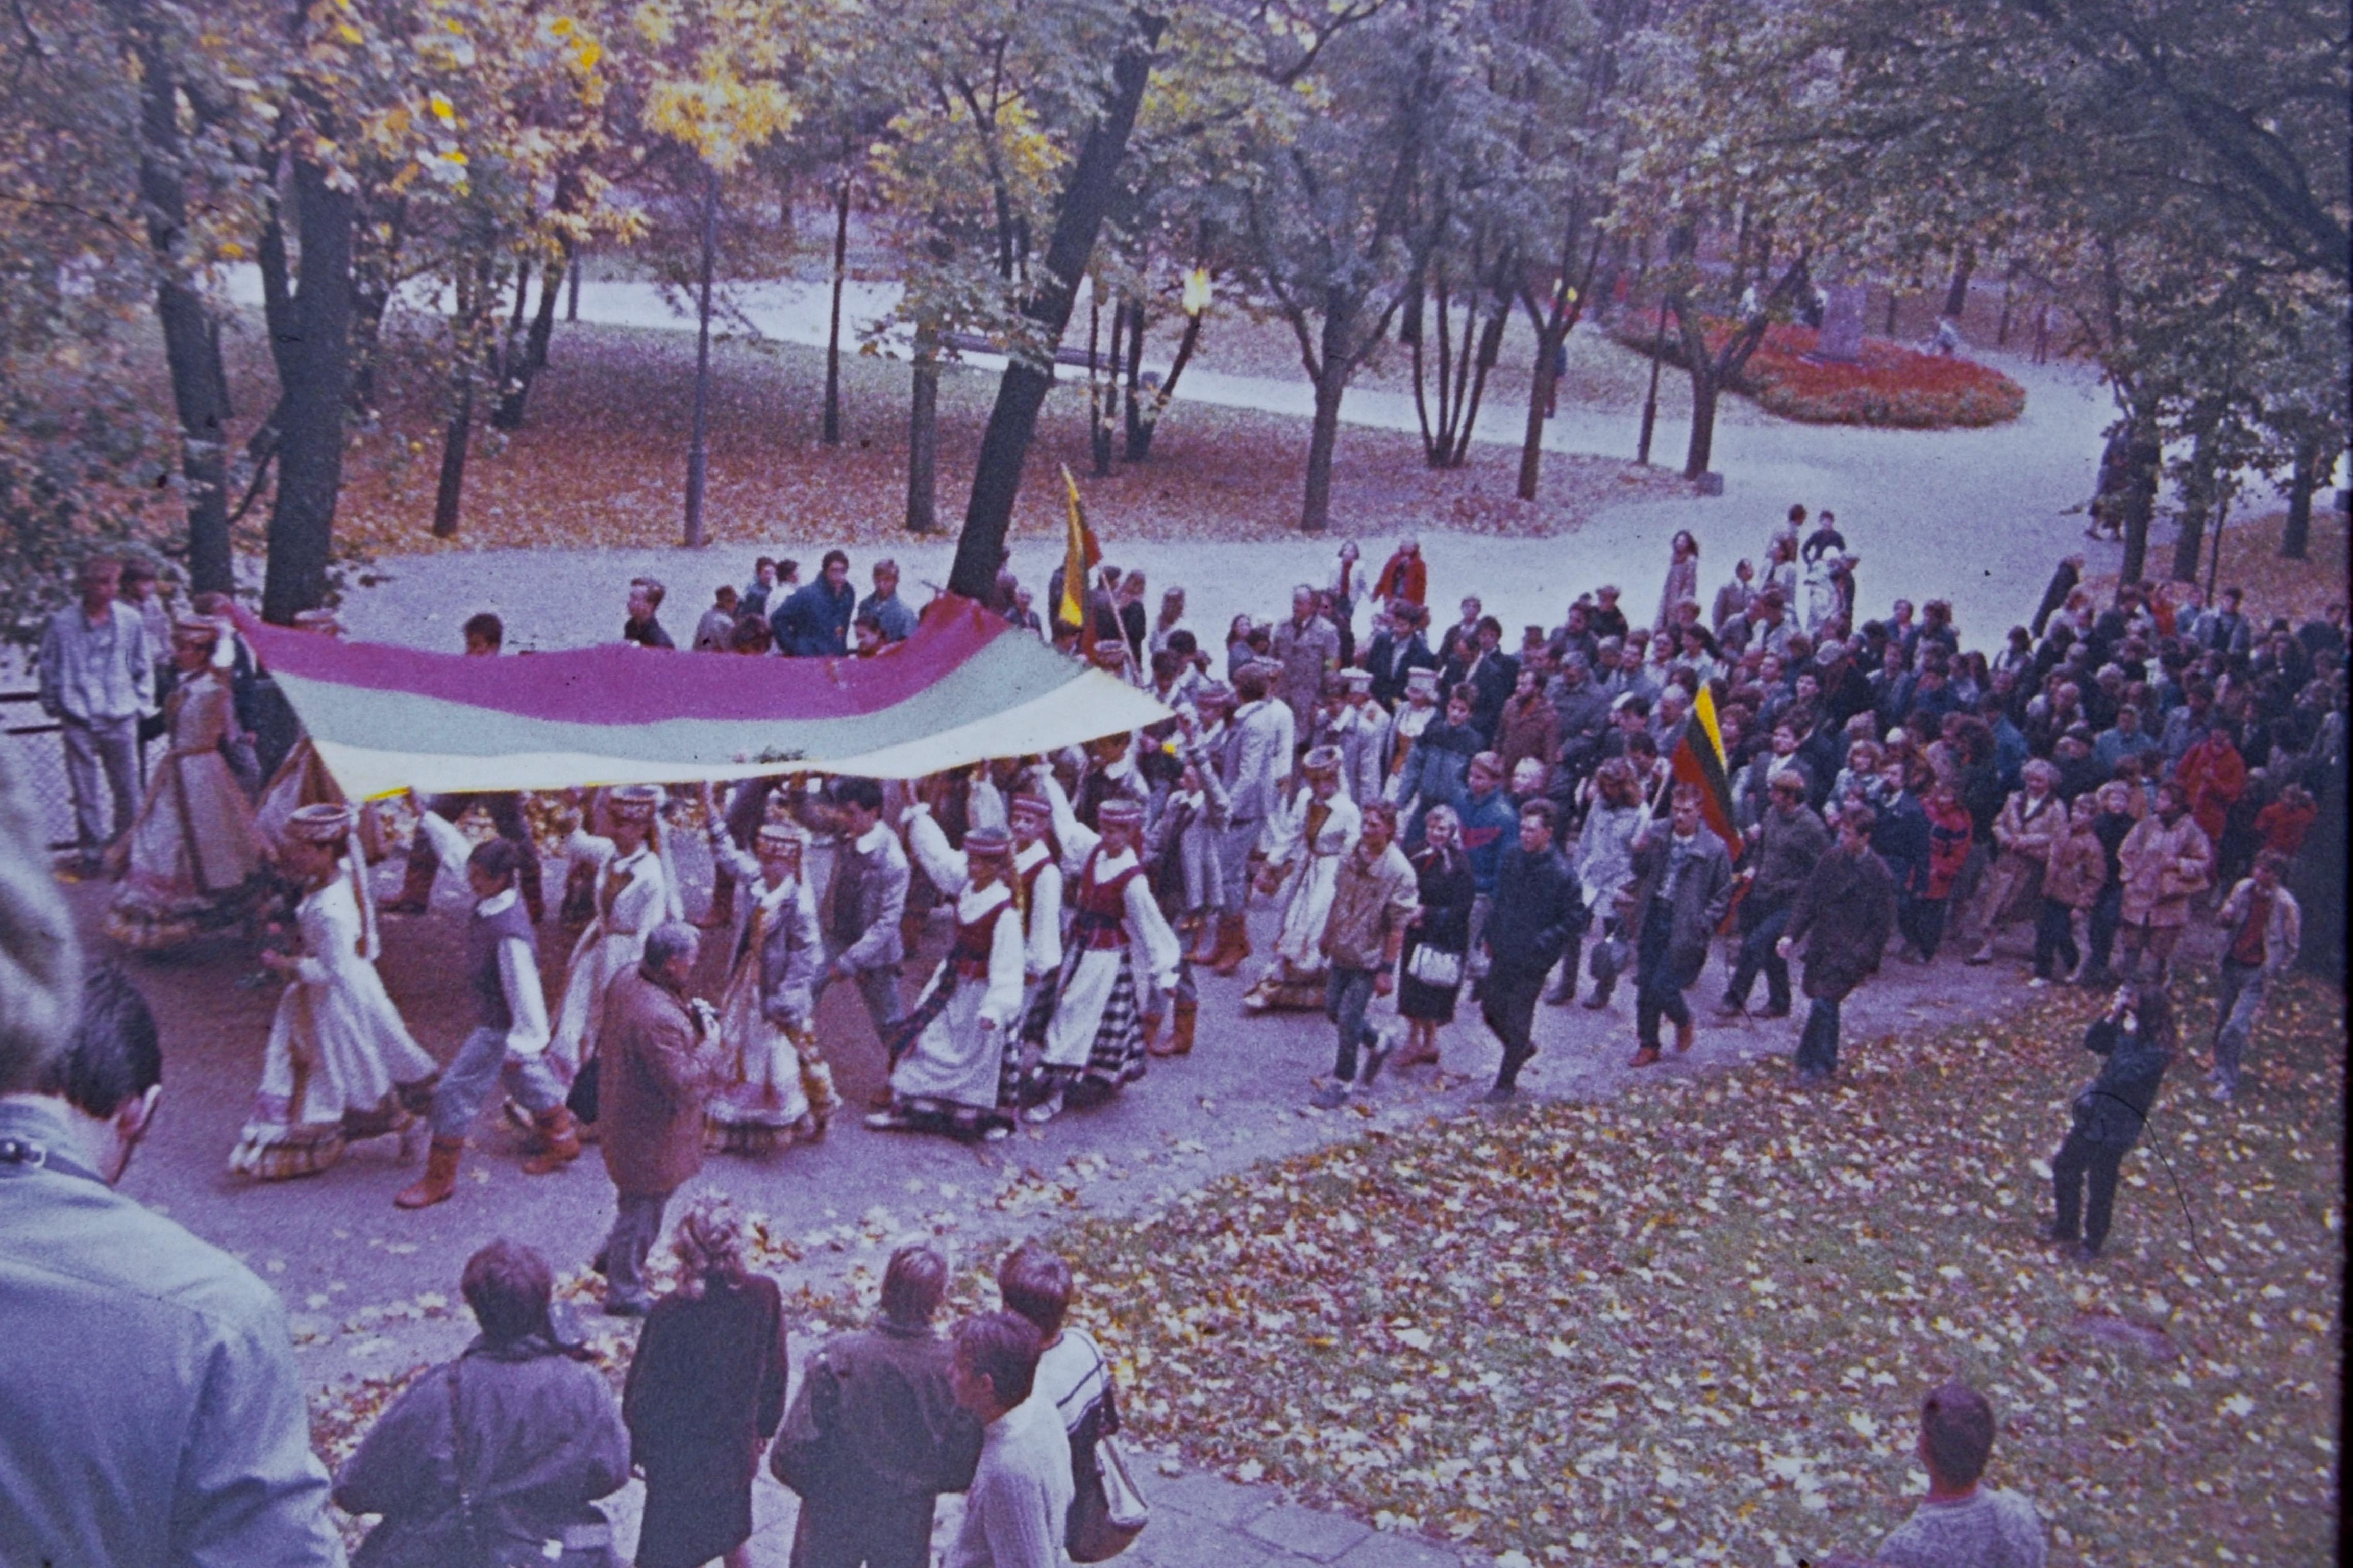 Lietuviškos trispalvės iškėlimo Gedimino pilies bokšte iškilmės. 1988 m. spalio 7 d. | A. Lekevičiaus nuotr.